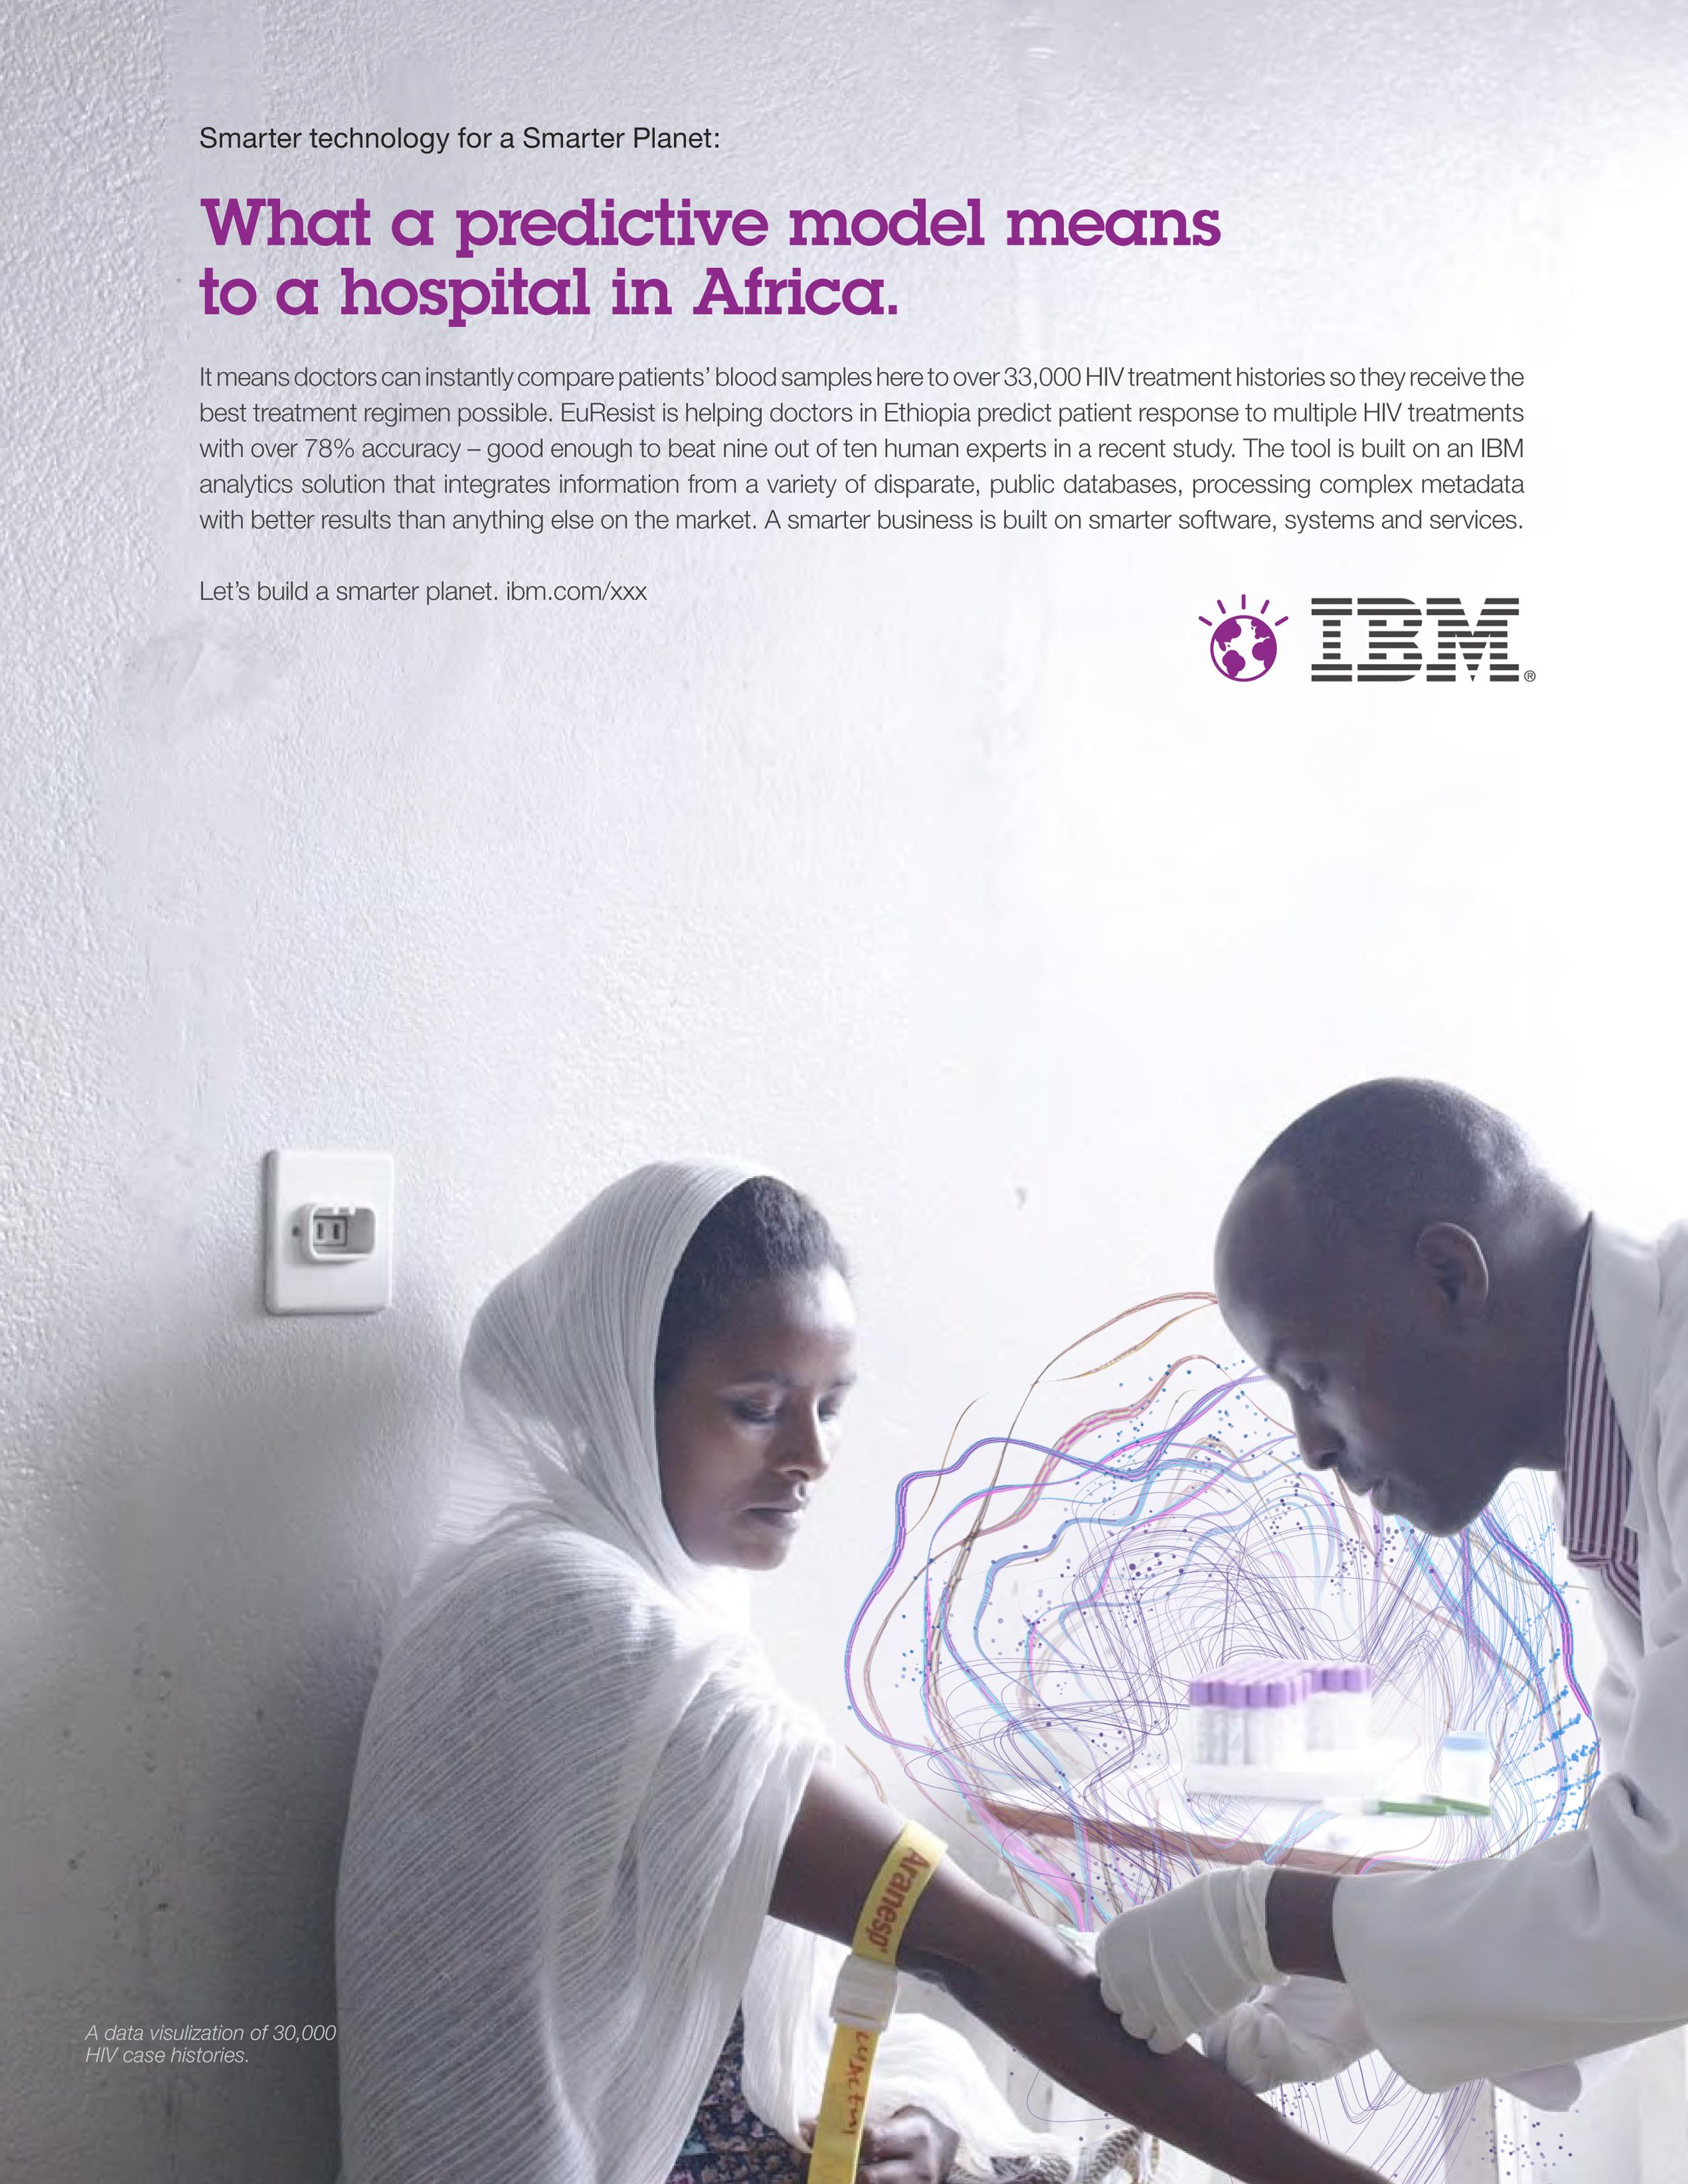 IBM_euresist.jpg